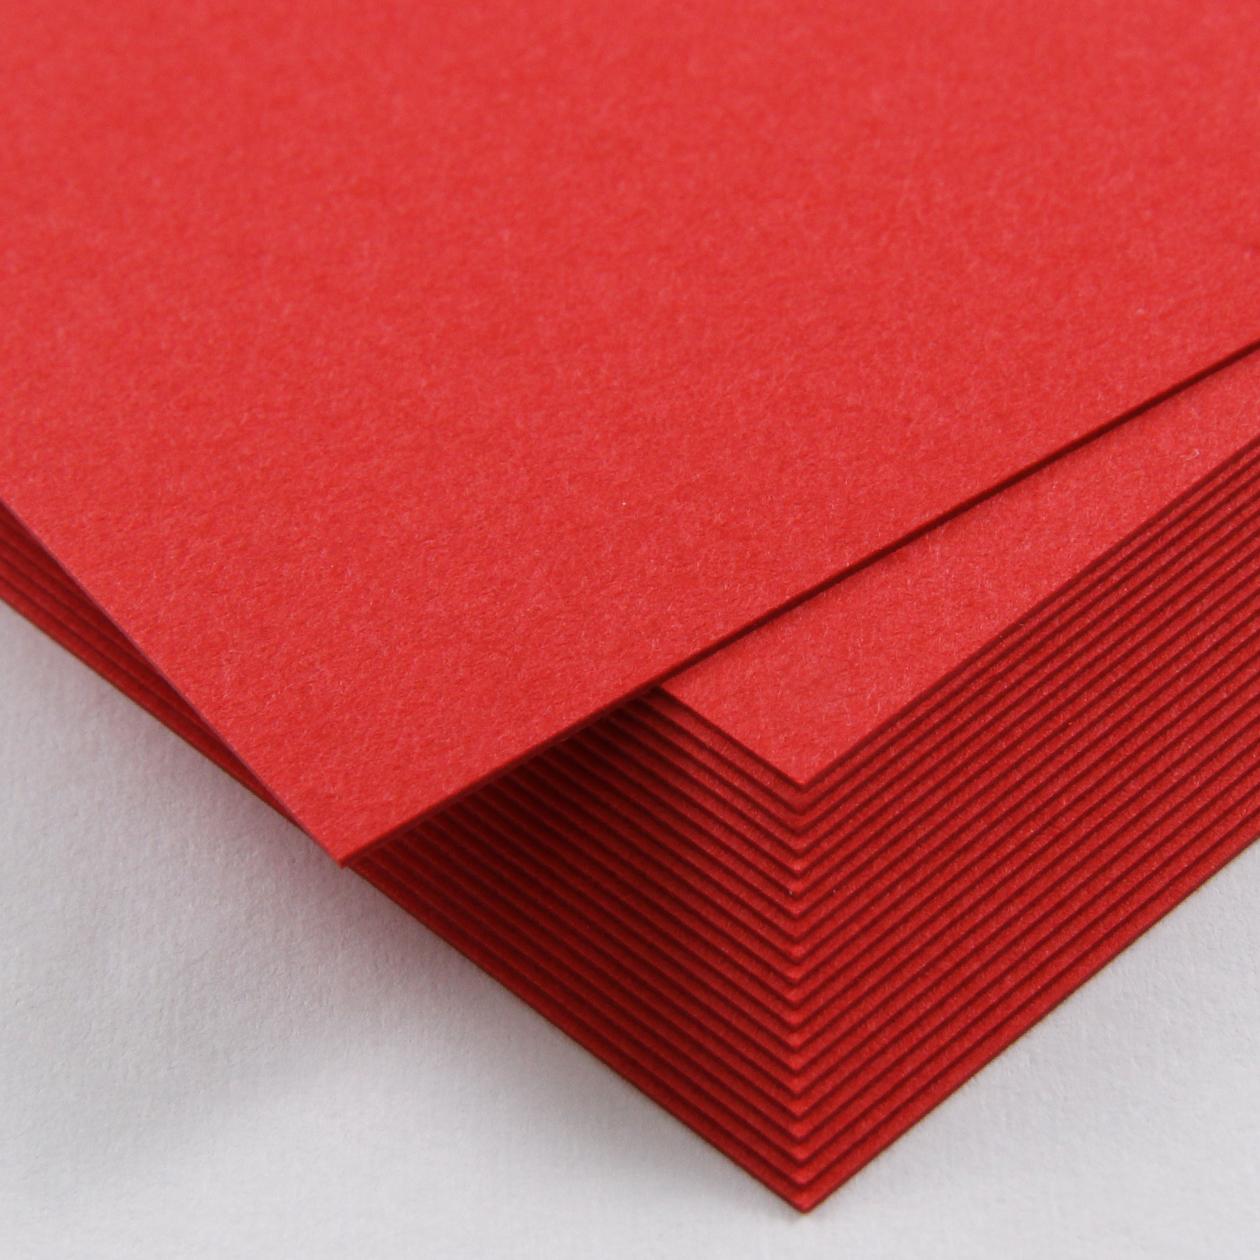 組箱 サイズB_自由 ボード紙 レッド 250g